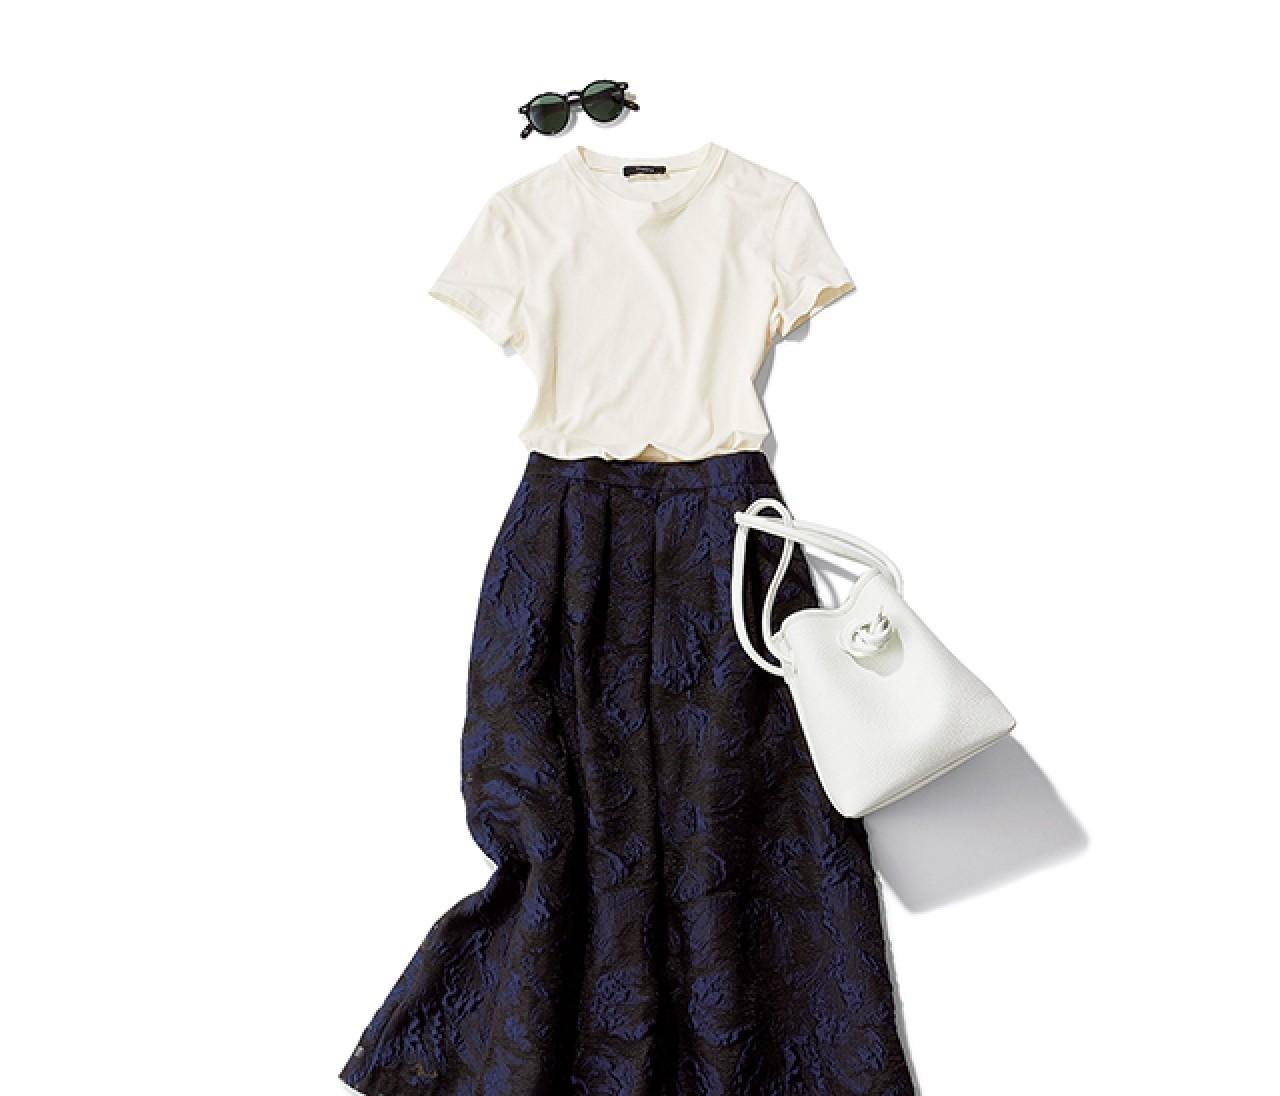 送別会の日は、さわやかで女性らしいツートンスカートスタイルで【2019/6/27のコーデ】